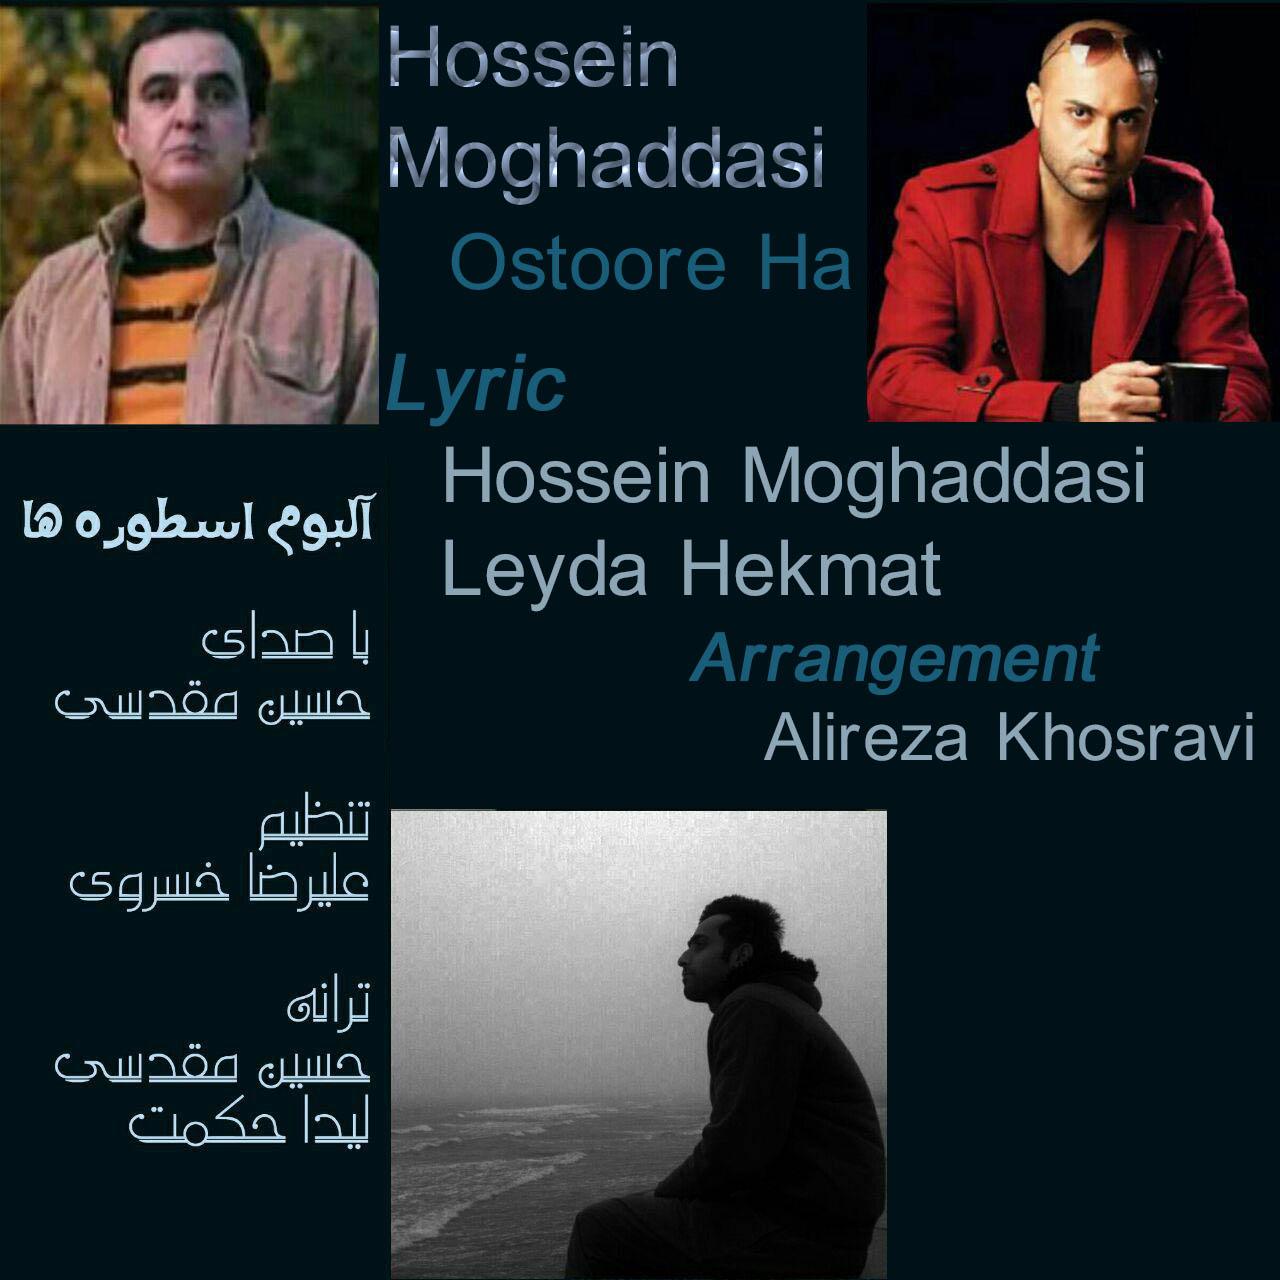 Hossein Moghaddasi – Ostoore Ha